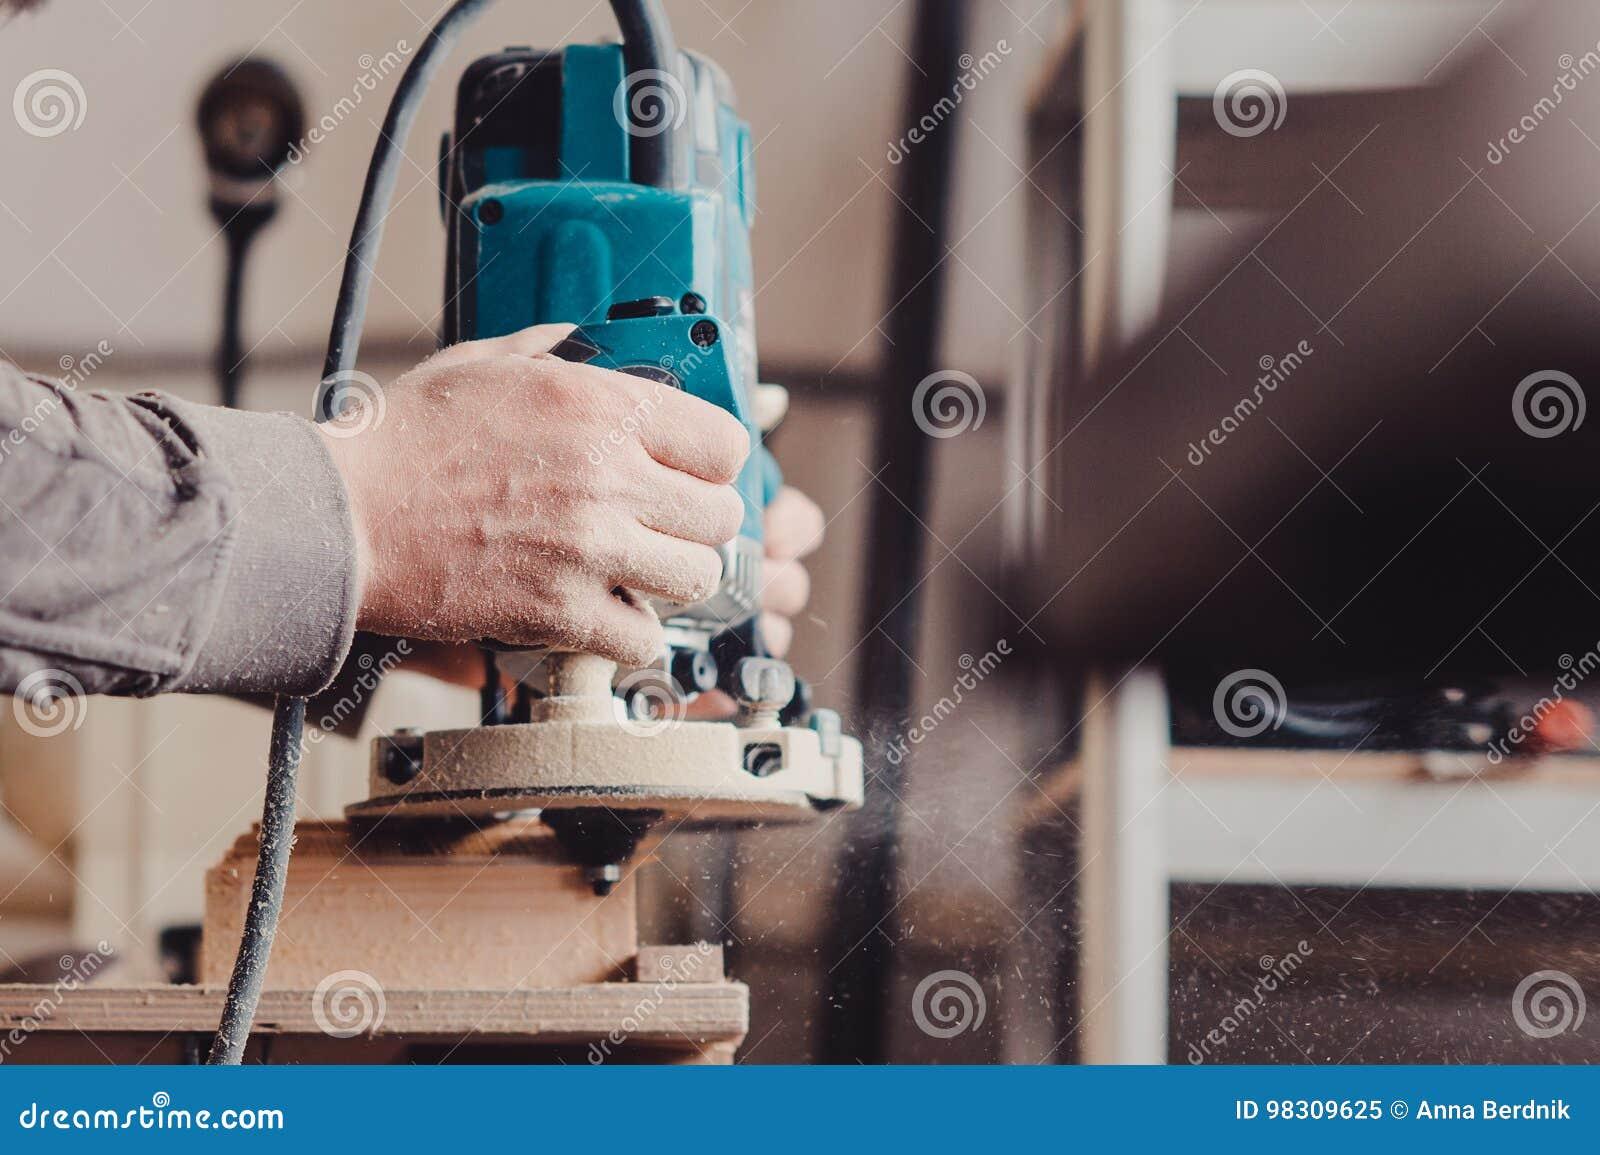 Обрабатывать части мебели машиной для полировать дерево